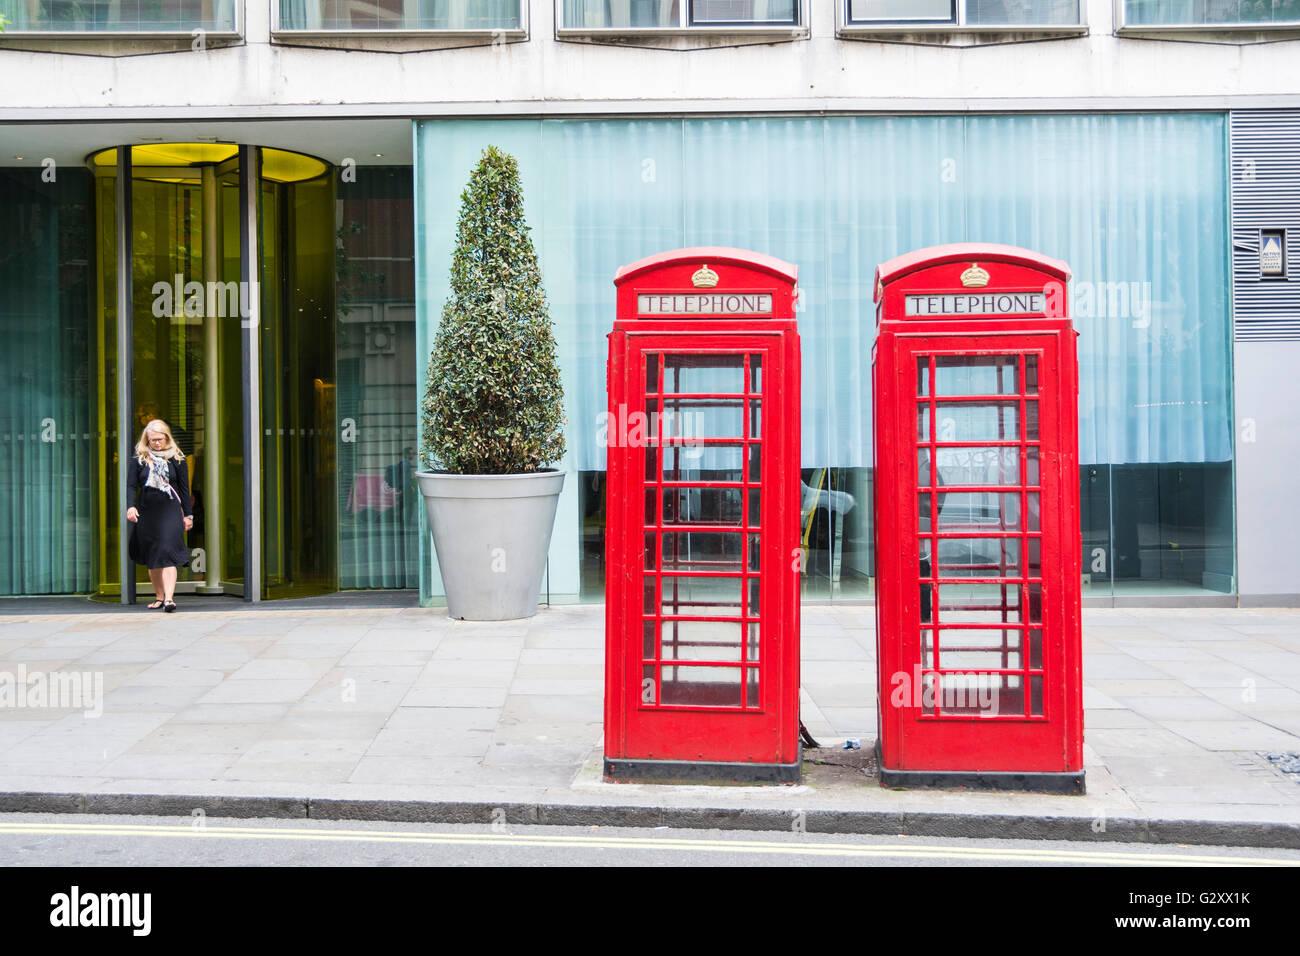 Una mujer emerge de una puerta de oficina detrás de dos kioscos telefónicos de Londres Giles Gilbert Scott K6, de grado II, de color rojo brillante, Londres, Reino Unido Foto de stock